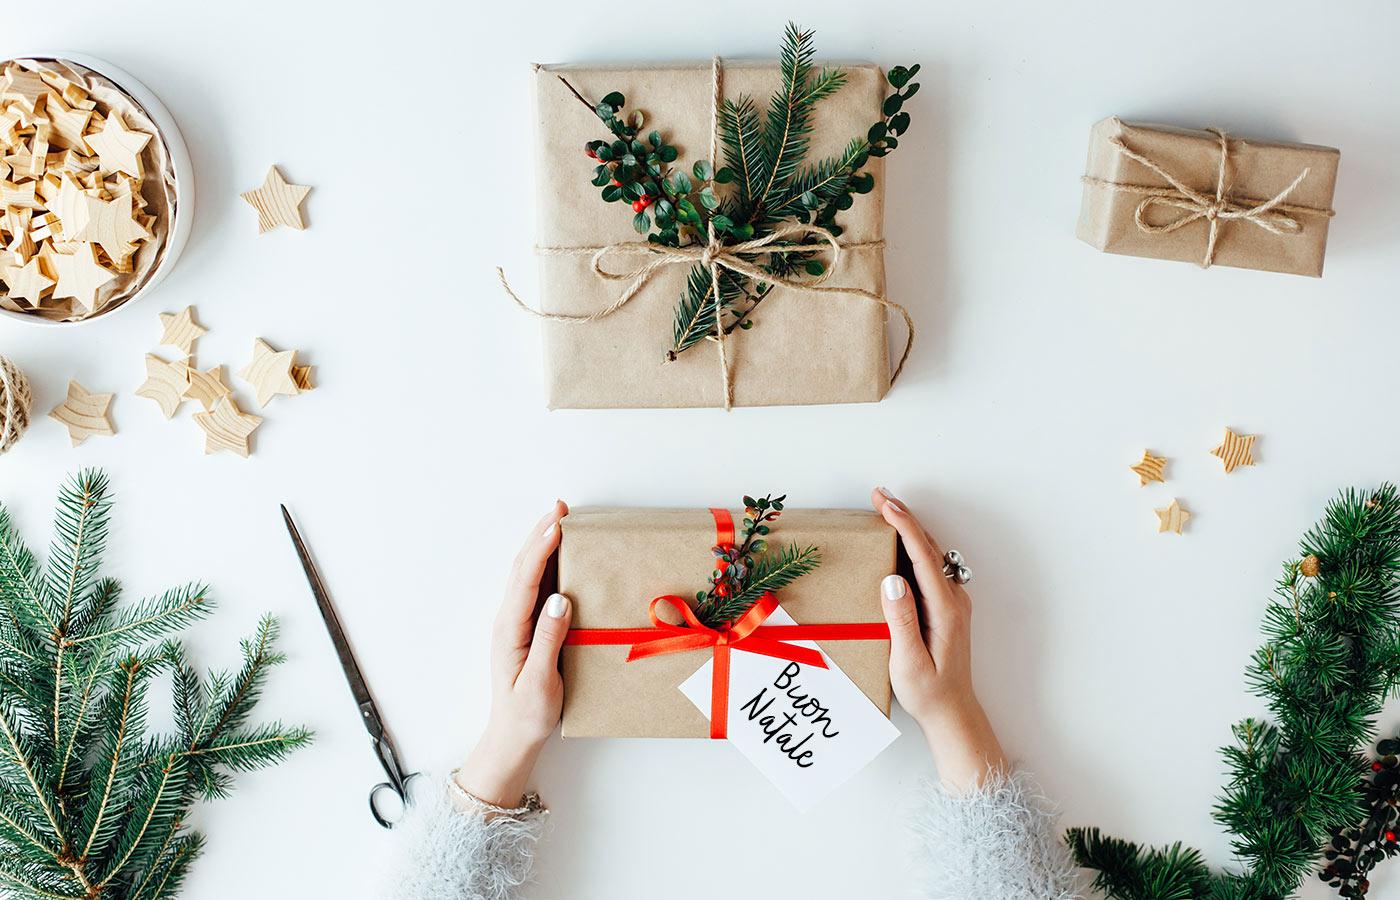 regali_ecologici